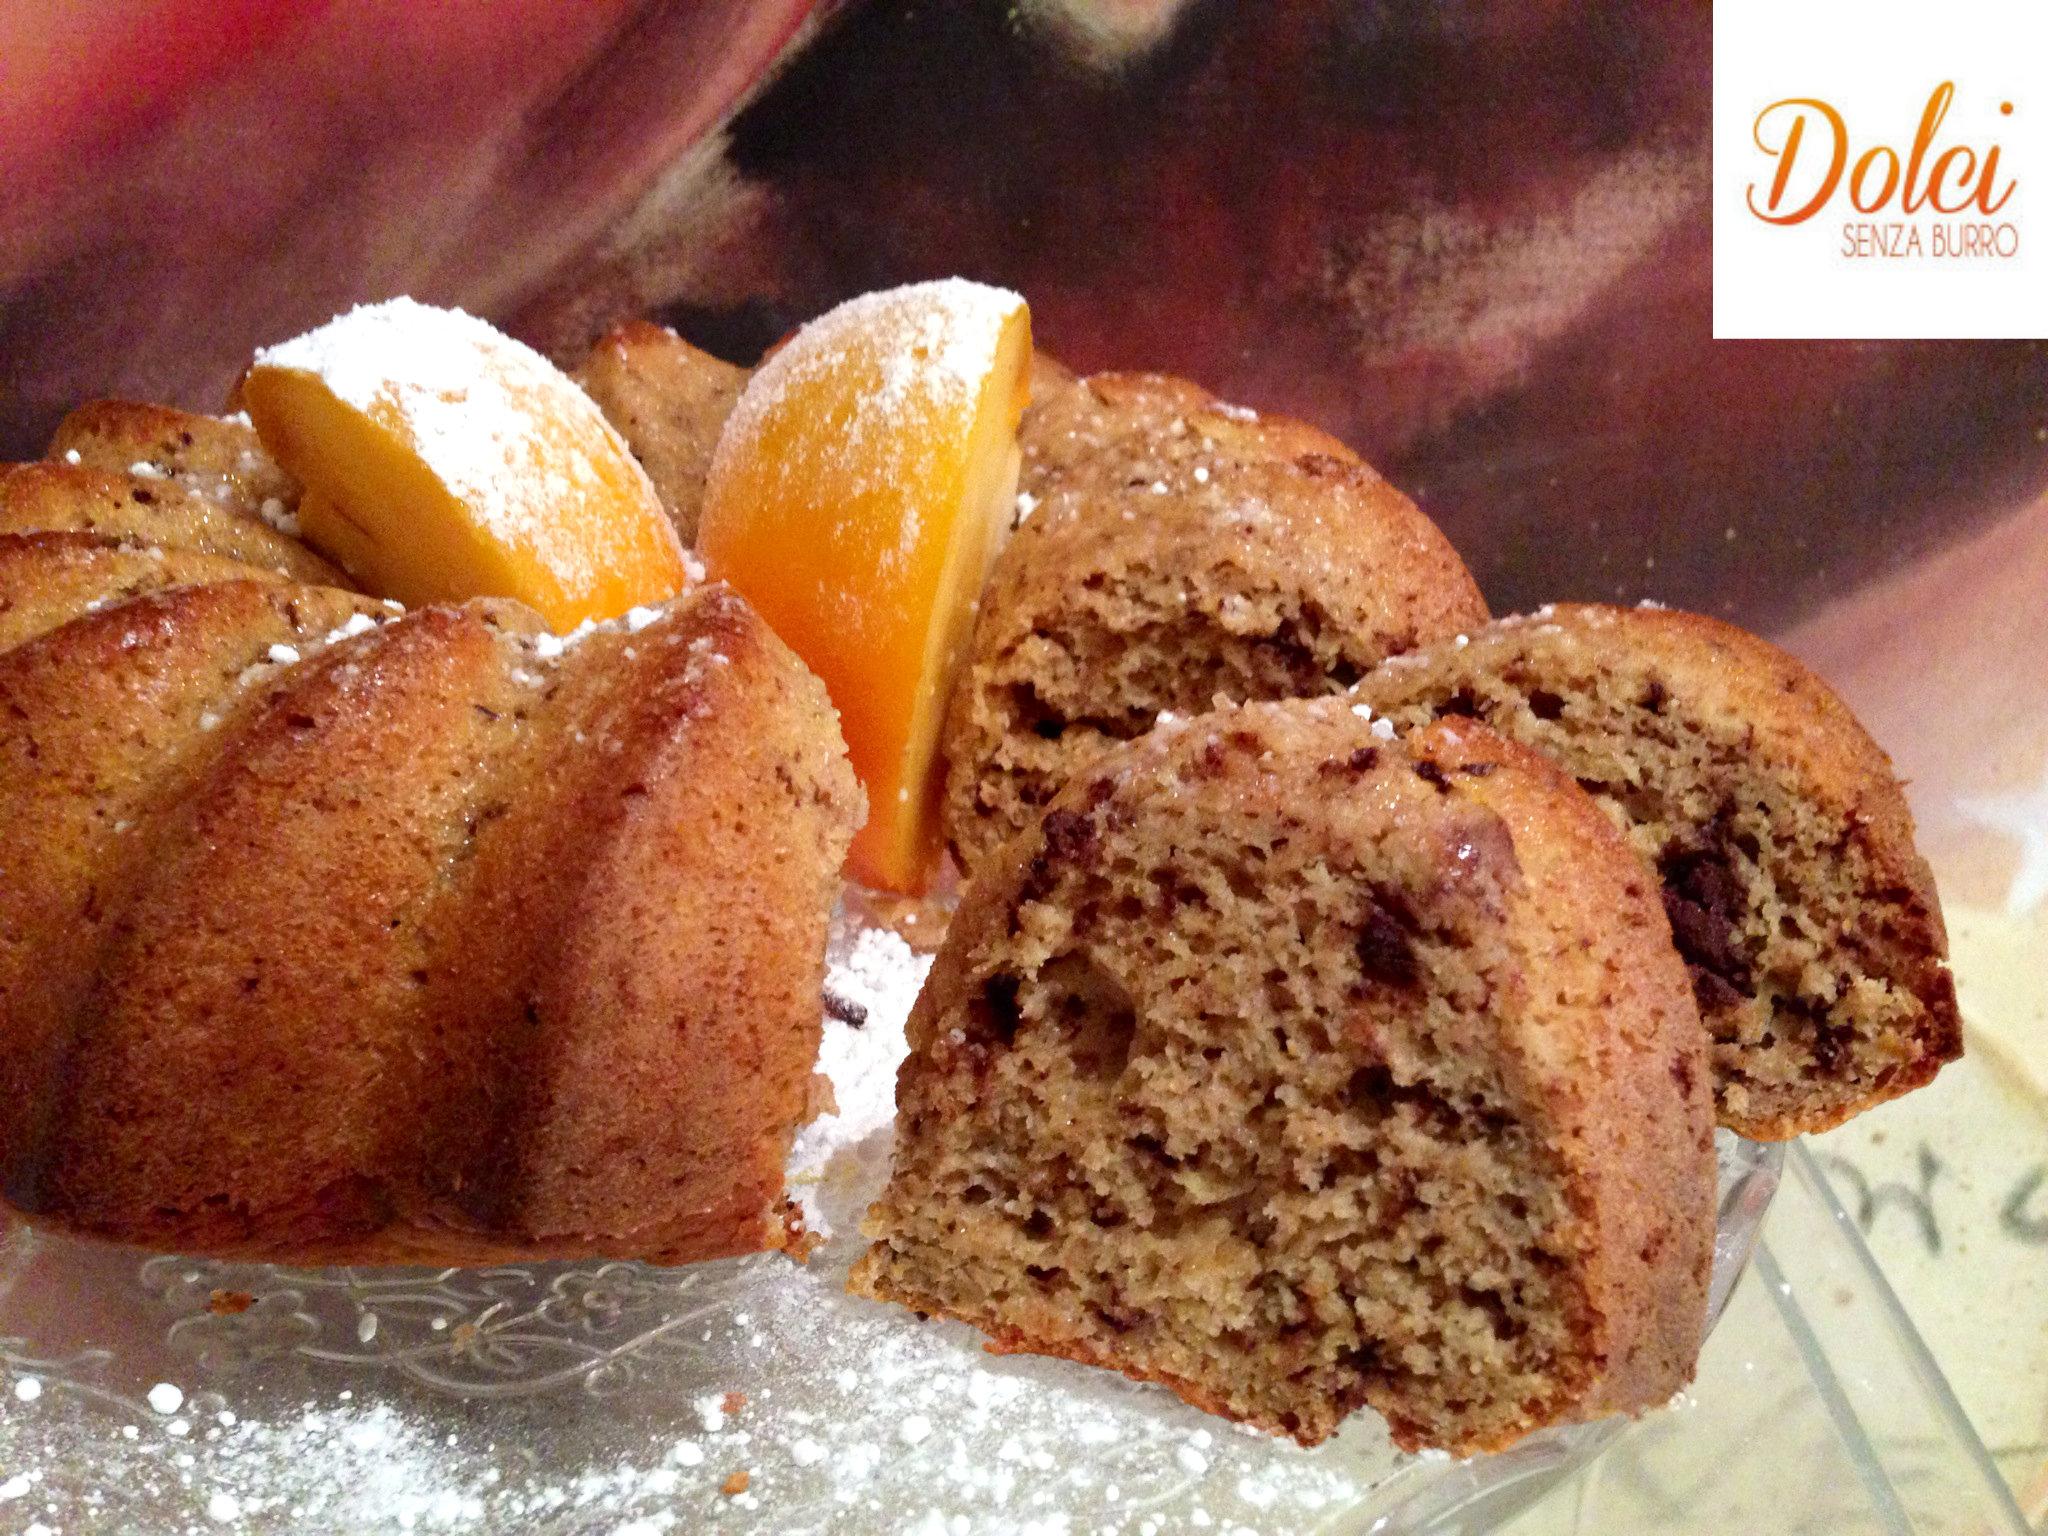 Torta di cachi senza burro dolci senza burro for Nuove ricette dolci